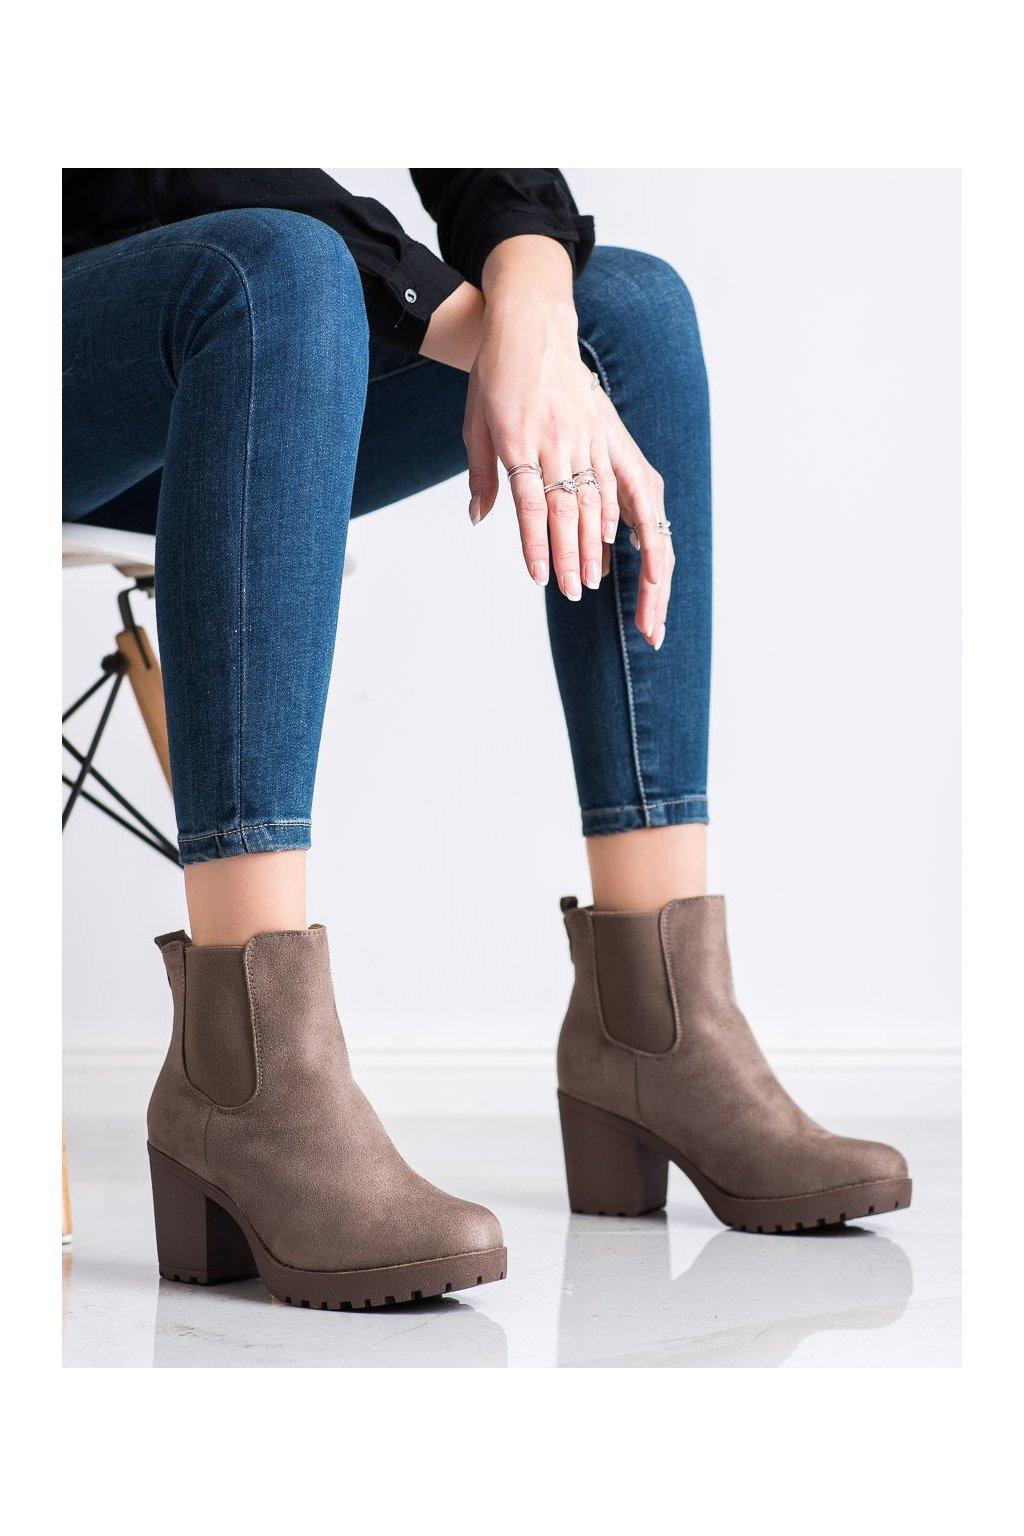 Hnedé dámske topánky Queentina kod B2880KH